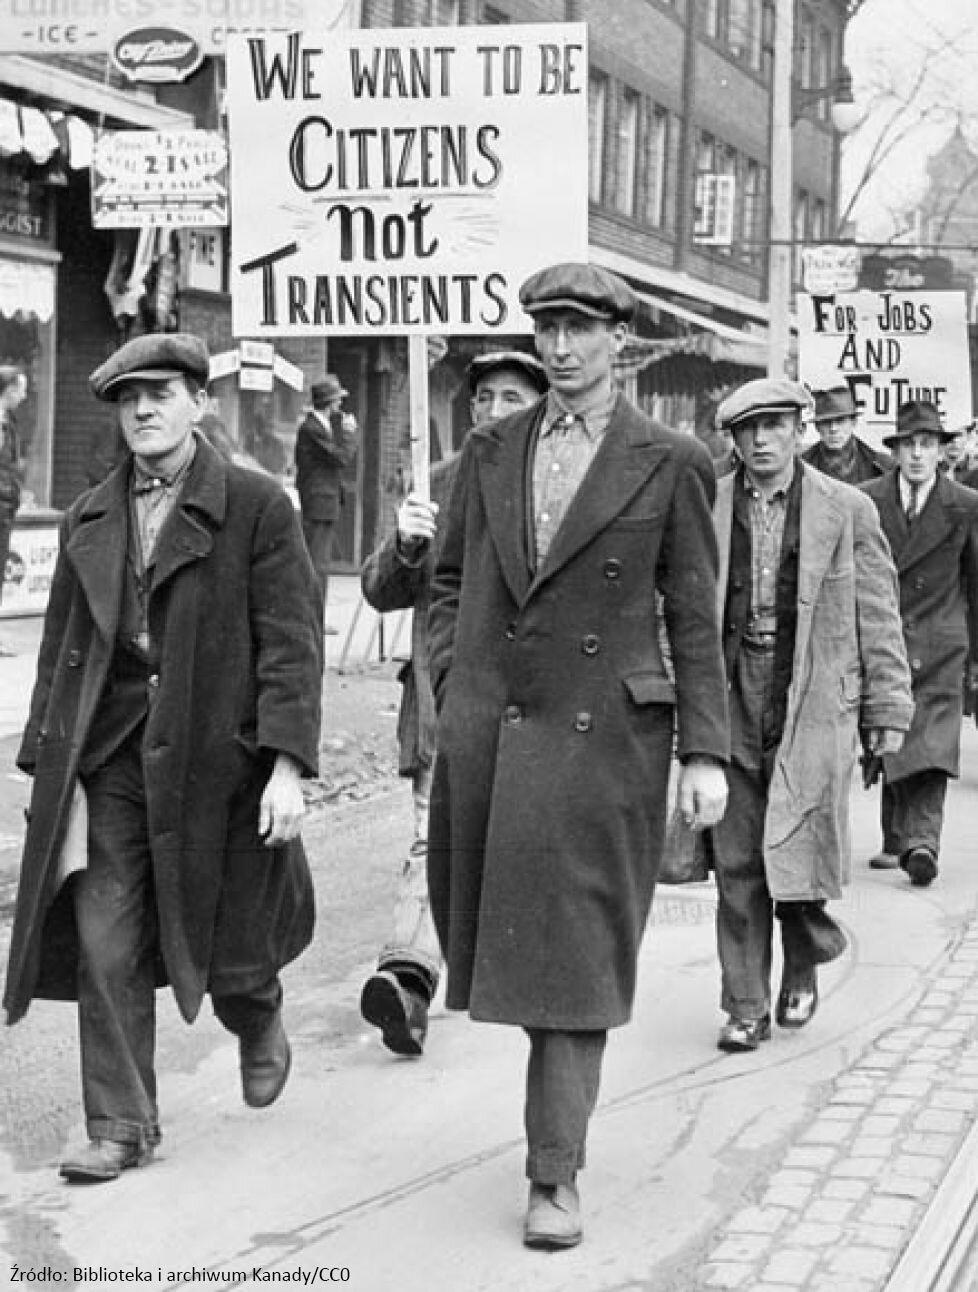 Demonstracja bezrobotnych Źródło: Demonstracja bezrobotnych, Fotografia, Biblioteka iarchiwum Kanady, domena publiczna.